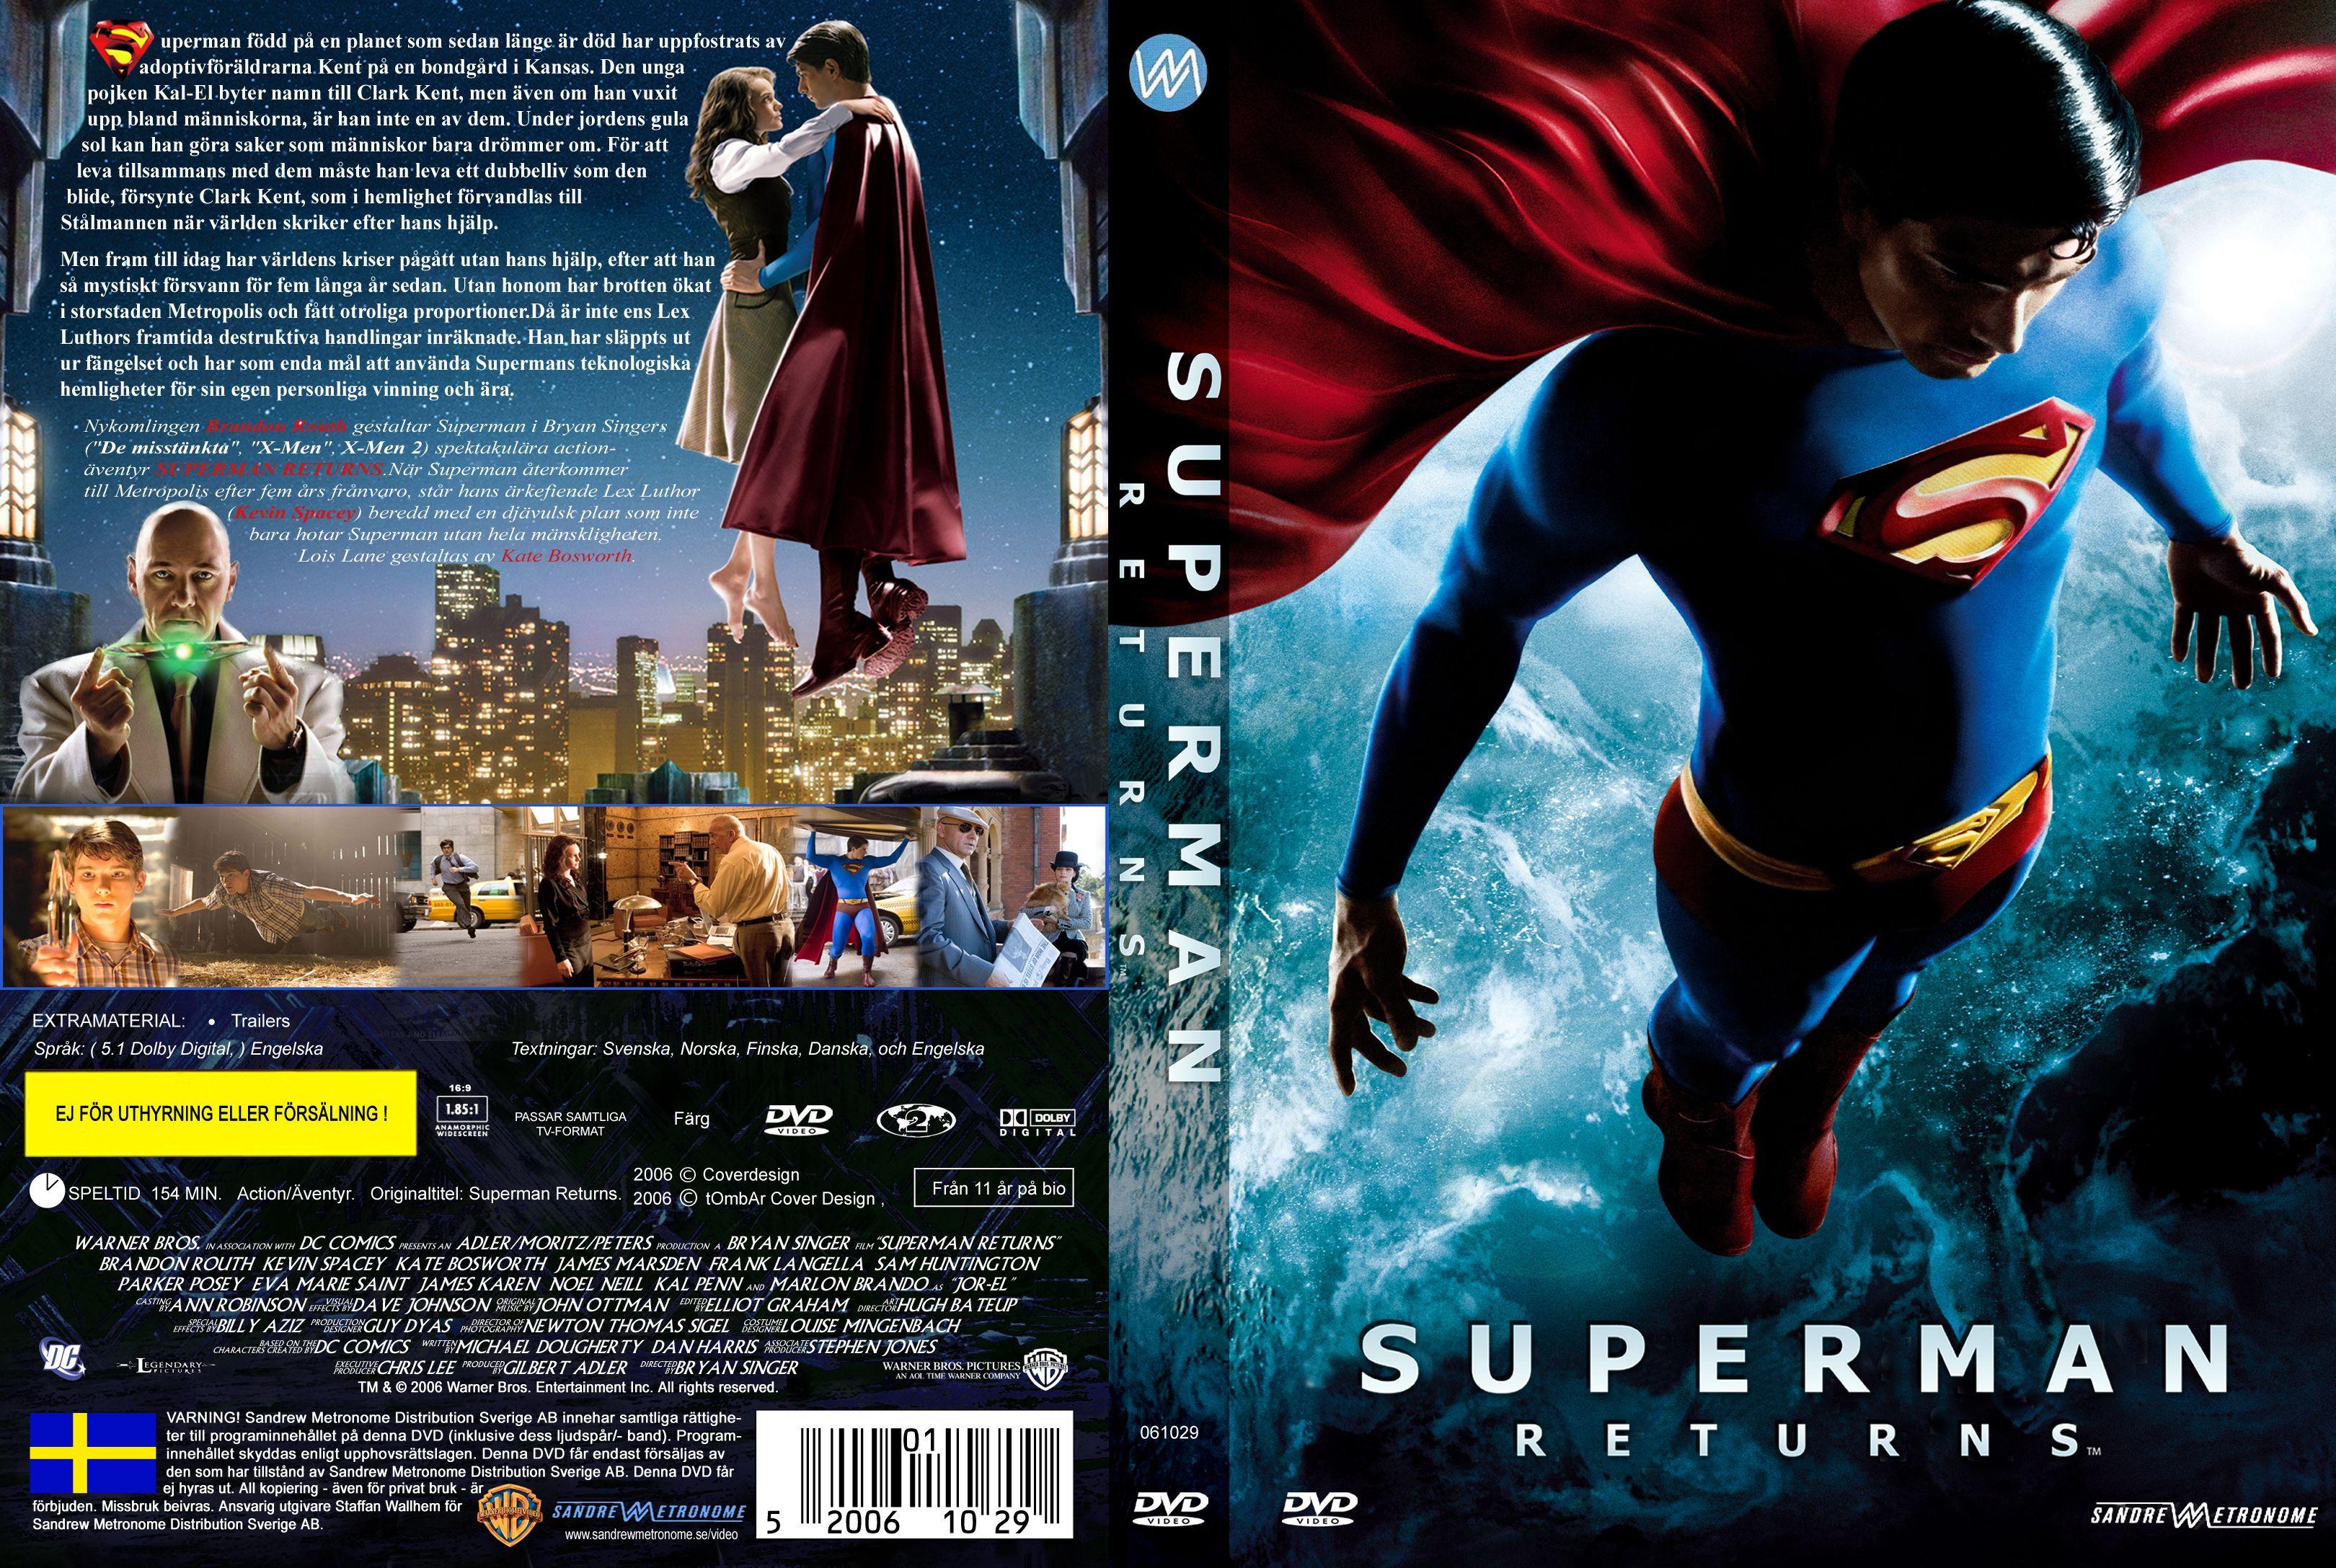 1978 FILME SUPERMAN GRATUITO O DOWNLOAD